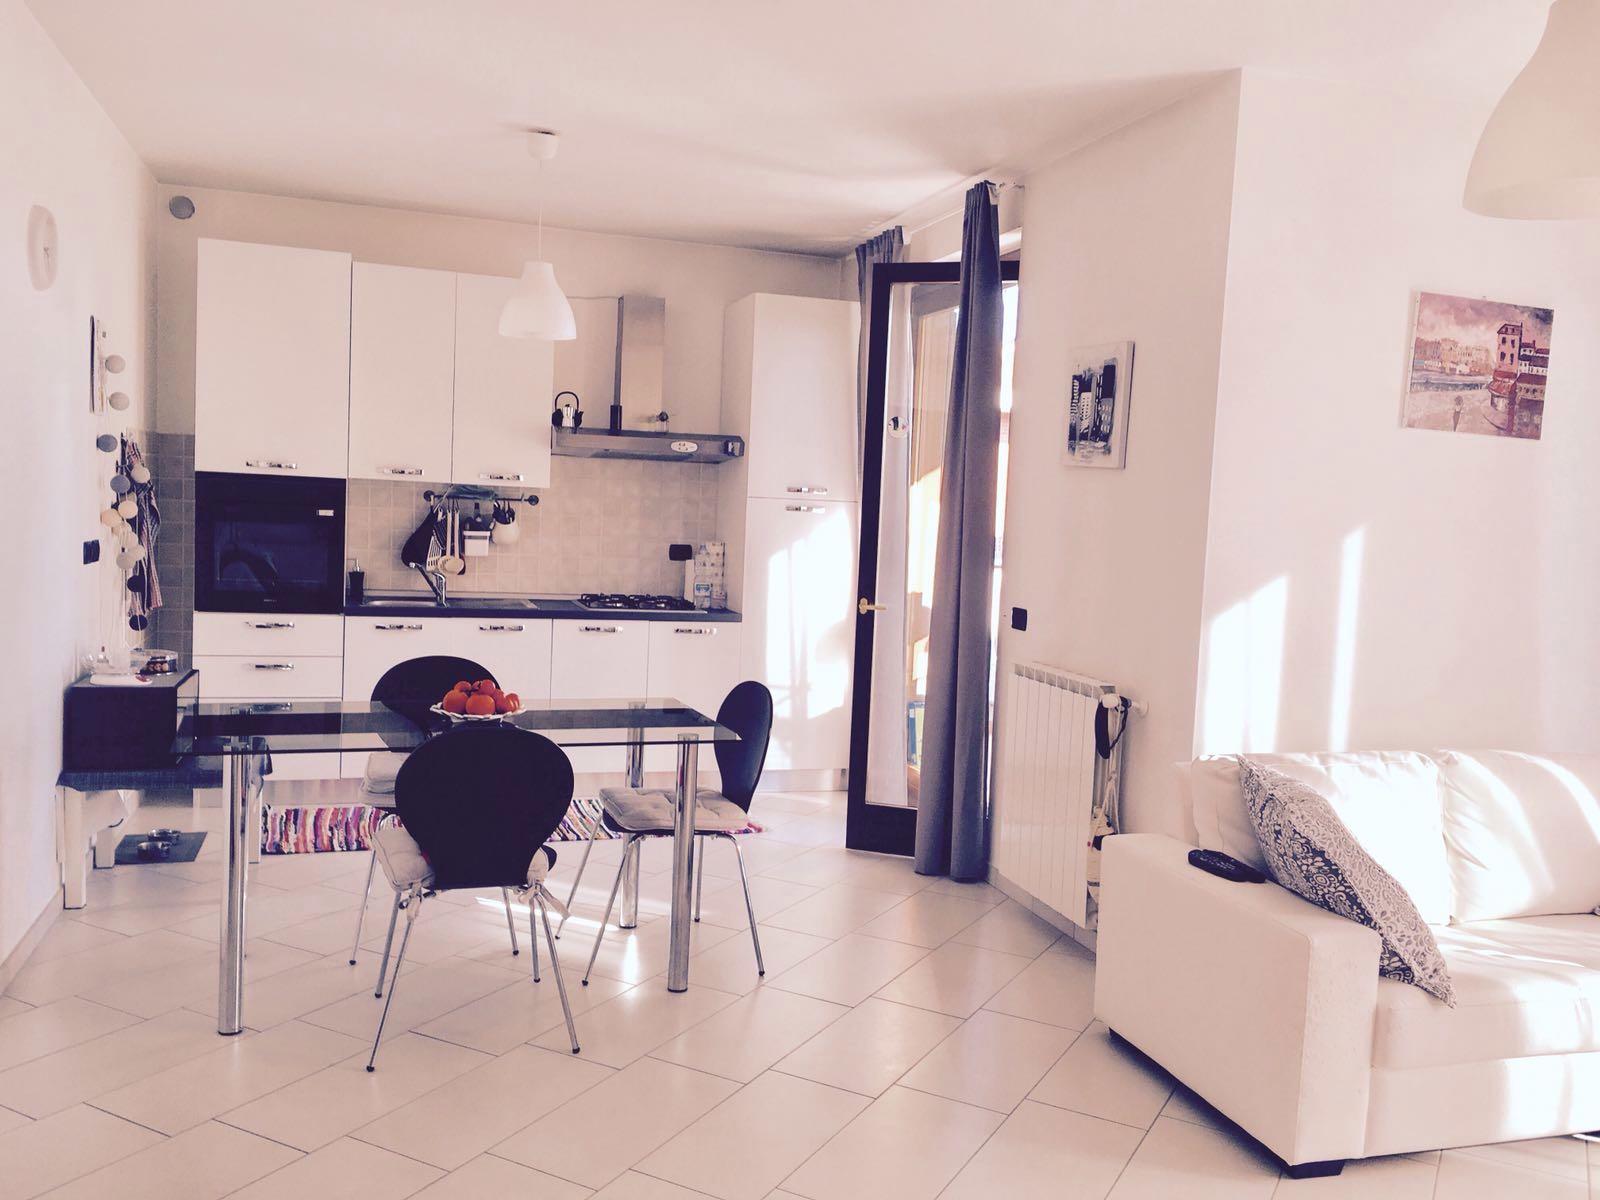 Appartamento in affitto a Cardano al Campo, 2 locali, prezzo € 6.000   CambioCasa.it